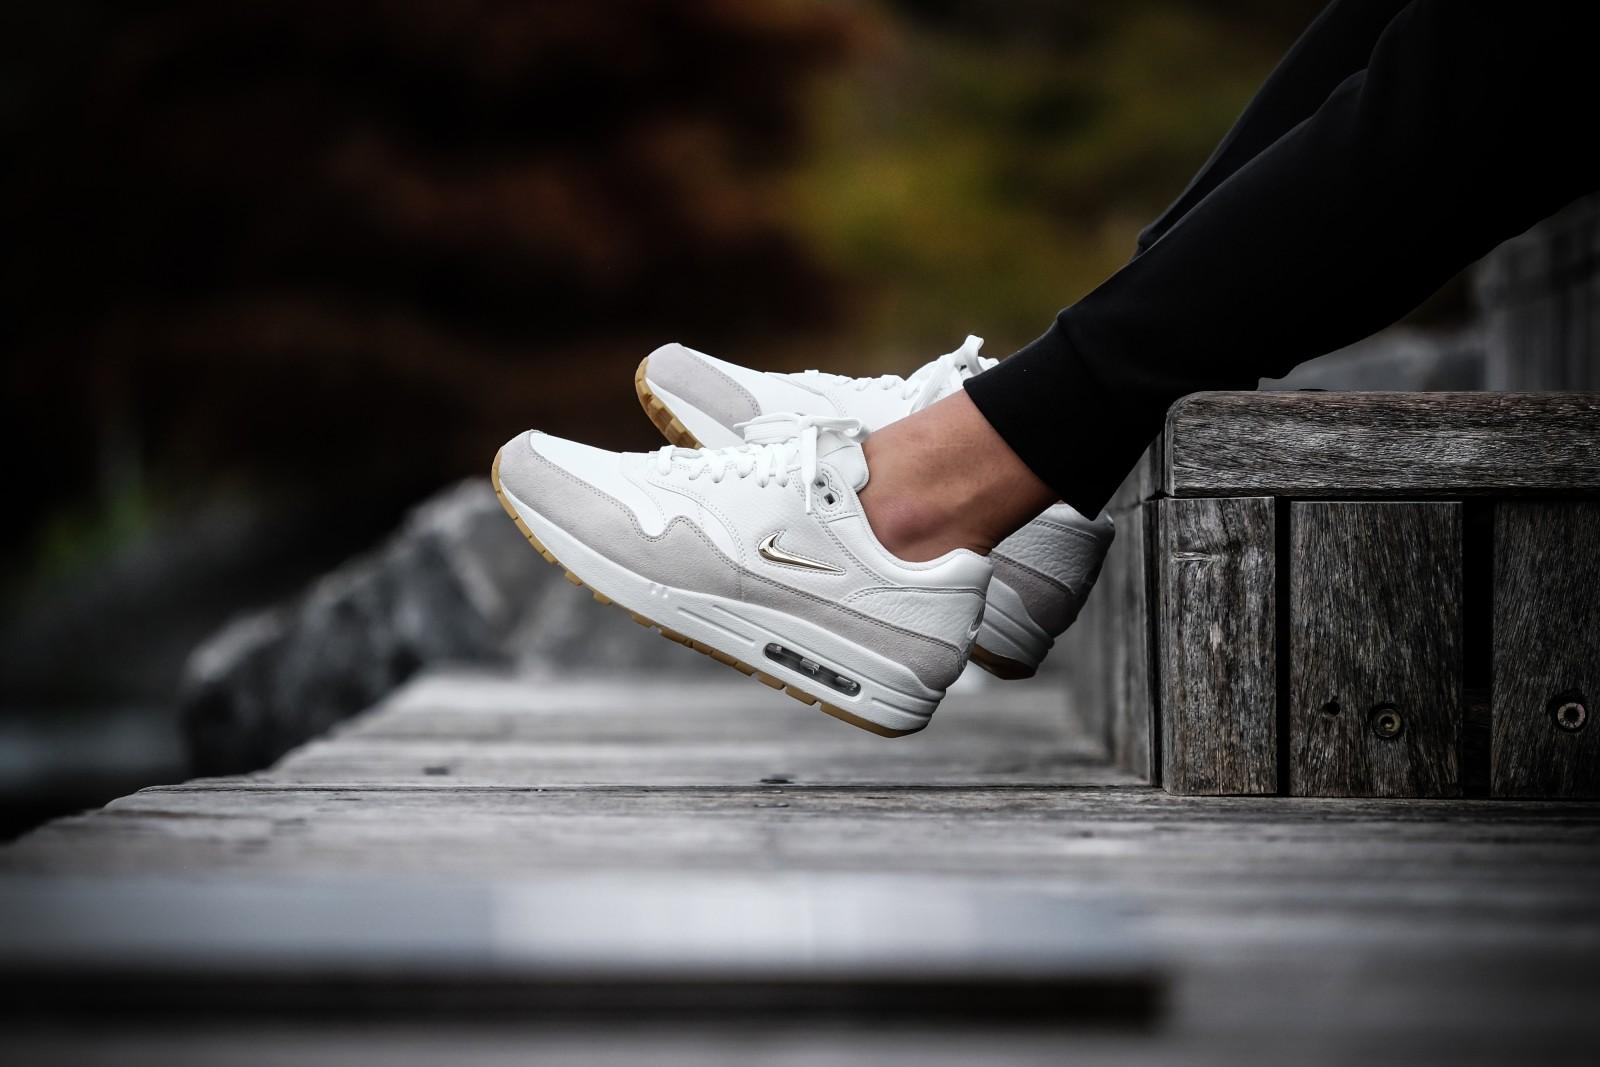 Nike Women's Air Max 1 Premium SC Jewel Summit White/Metallic Gold sneakers bestellen voor dames